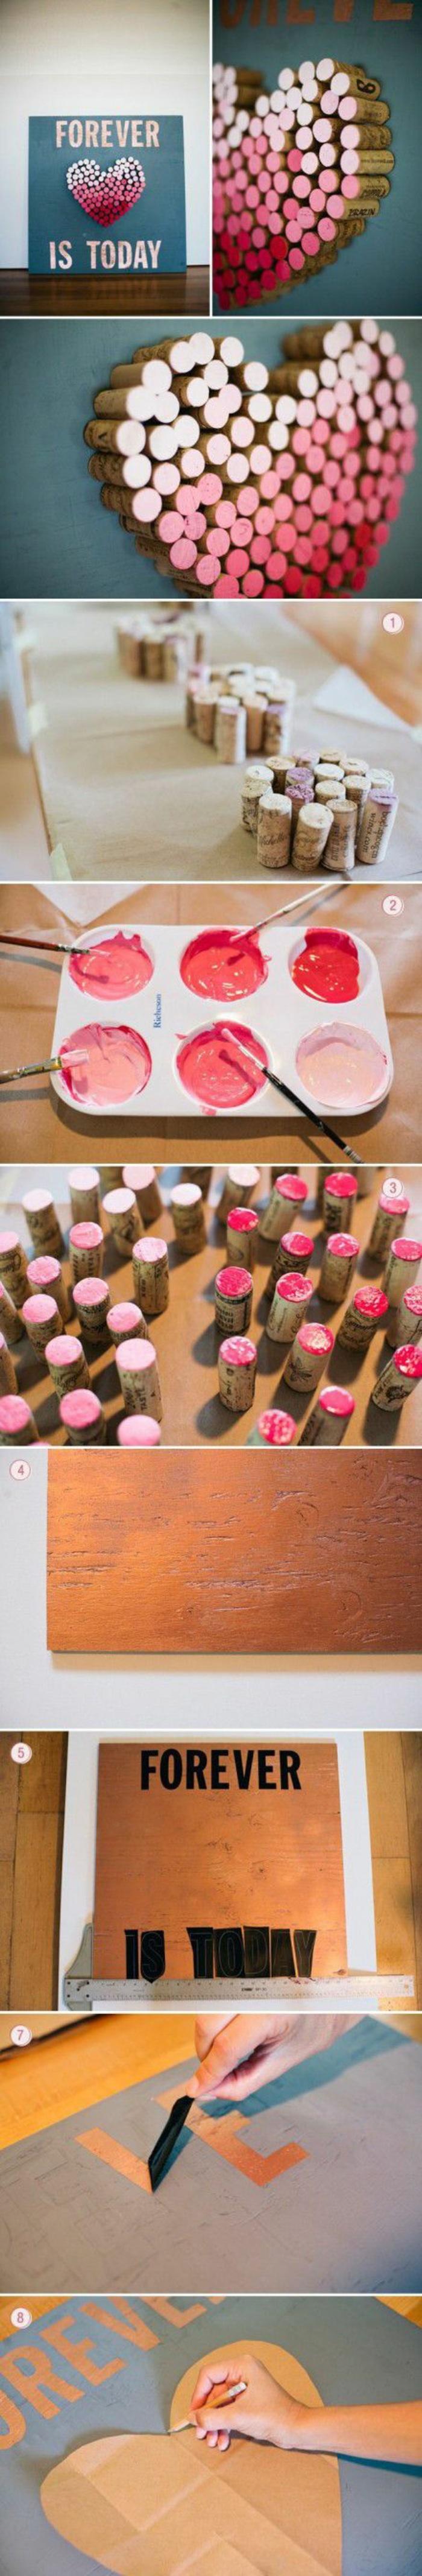 ideas de manualidades para niños faciles y rapidos con materiales de reciclaje, decoración para la pared hecha de tapas de corcho